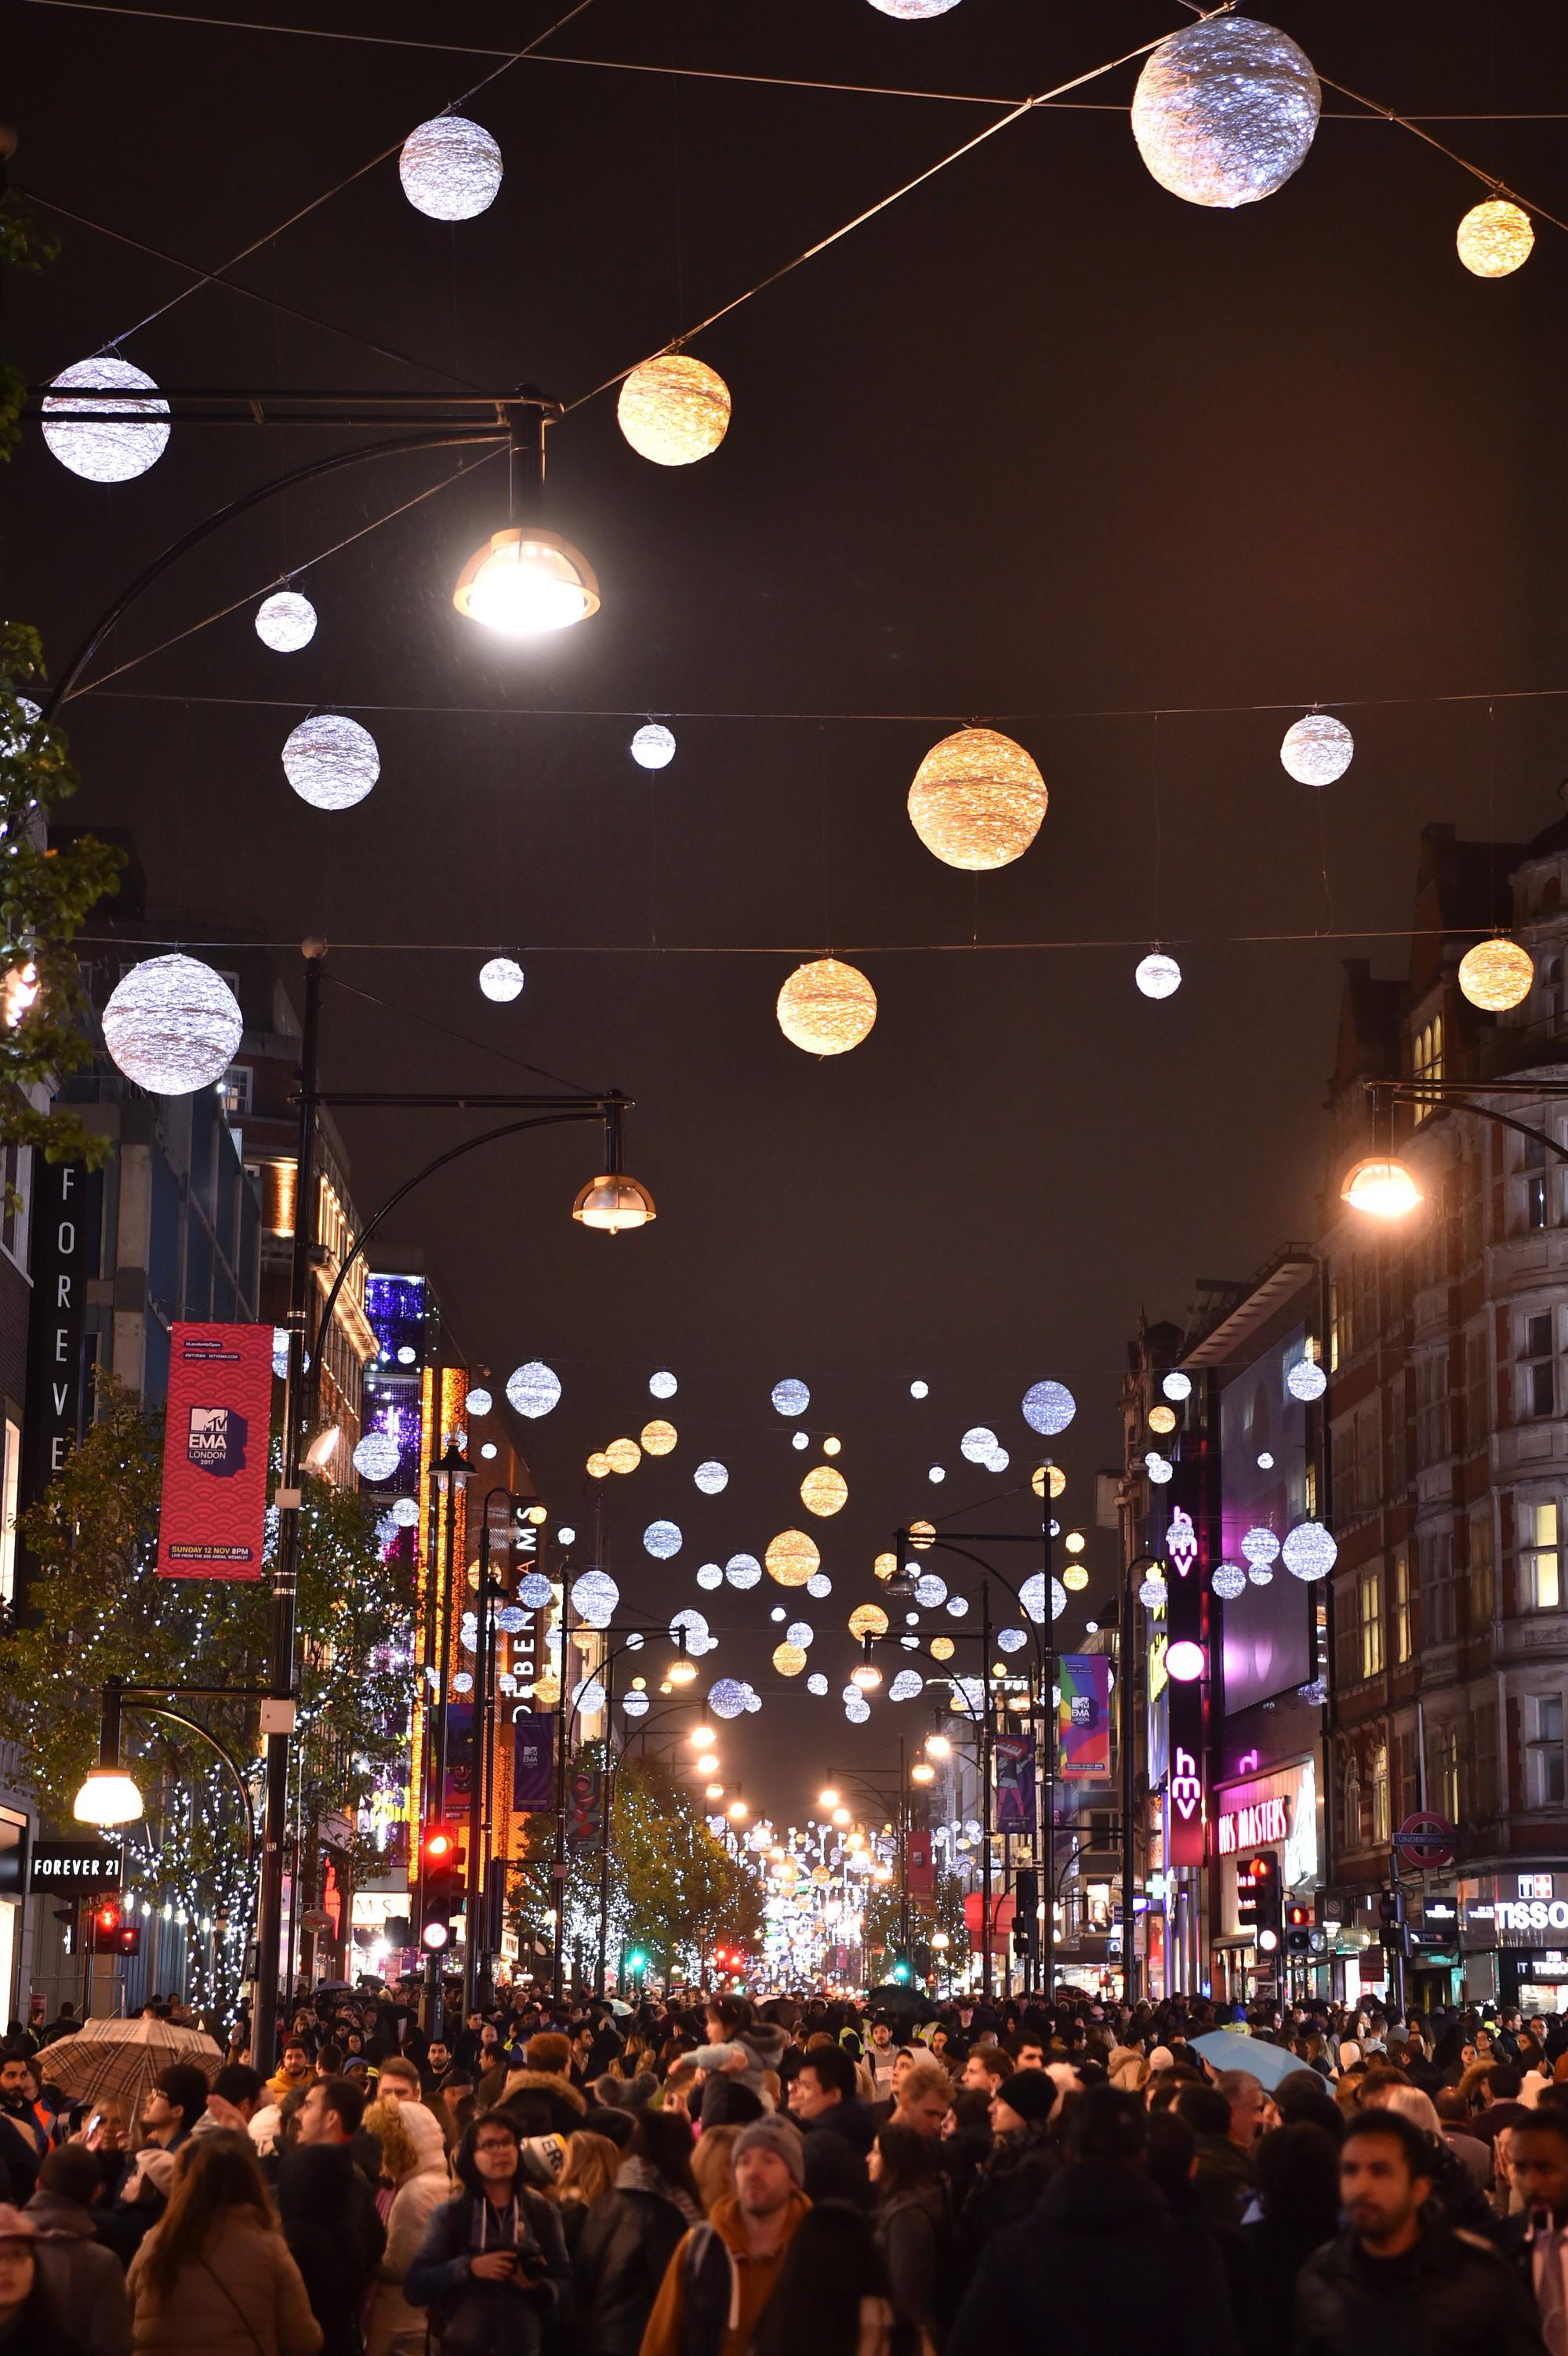 Khung cảnh đón Giáng sinh sớm ở nhiều nơi trên khắp thế giới: Lộng lẫy, nguy nga và ấm áp - Ảnh 2.